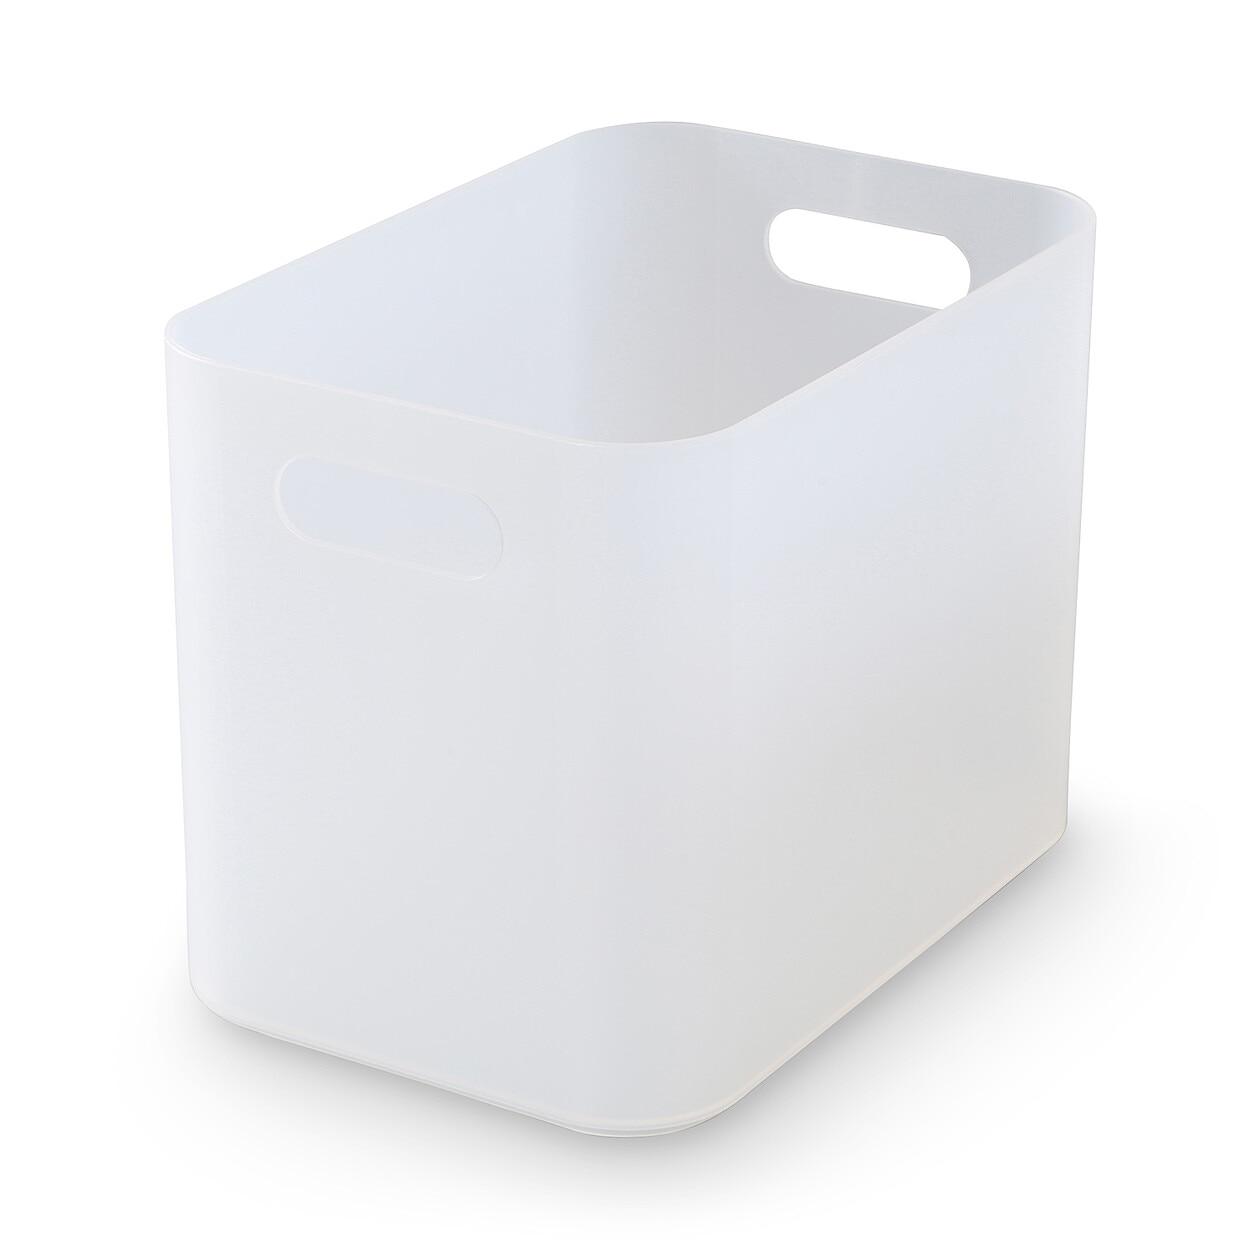 ポリプロピレンメイクボックス